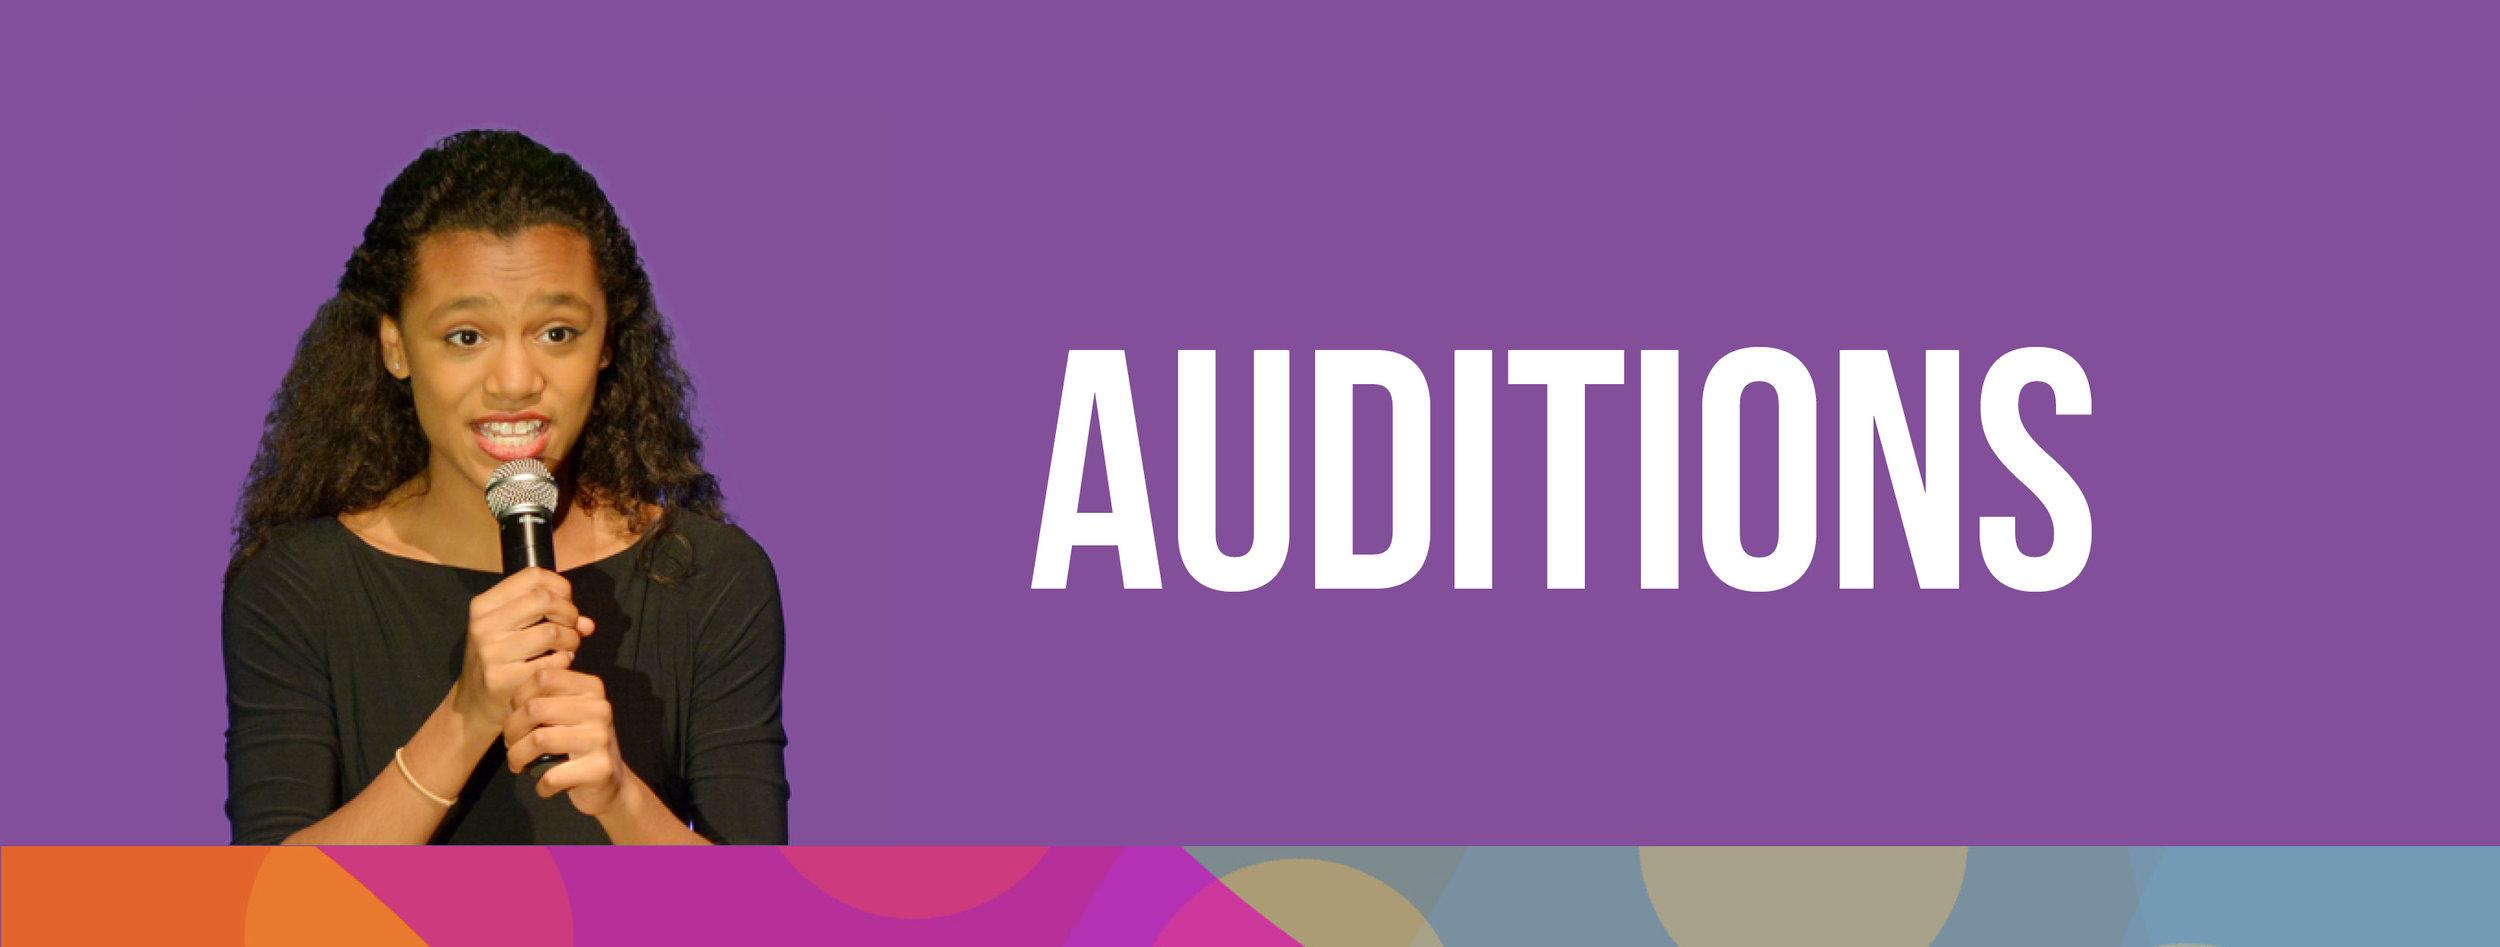 Audition Banner.jpg